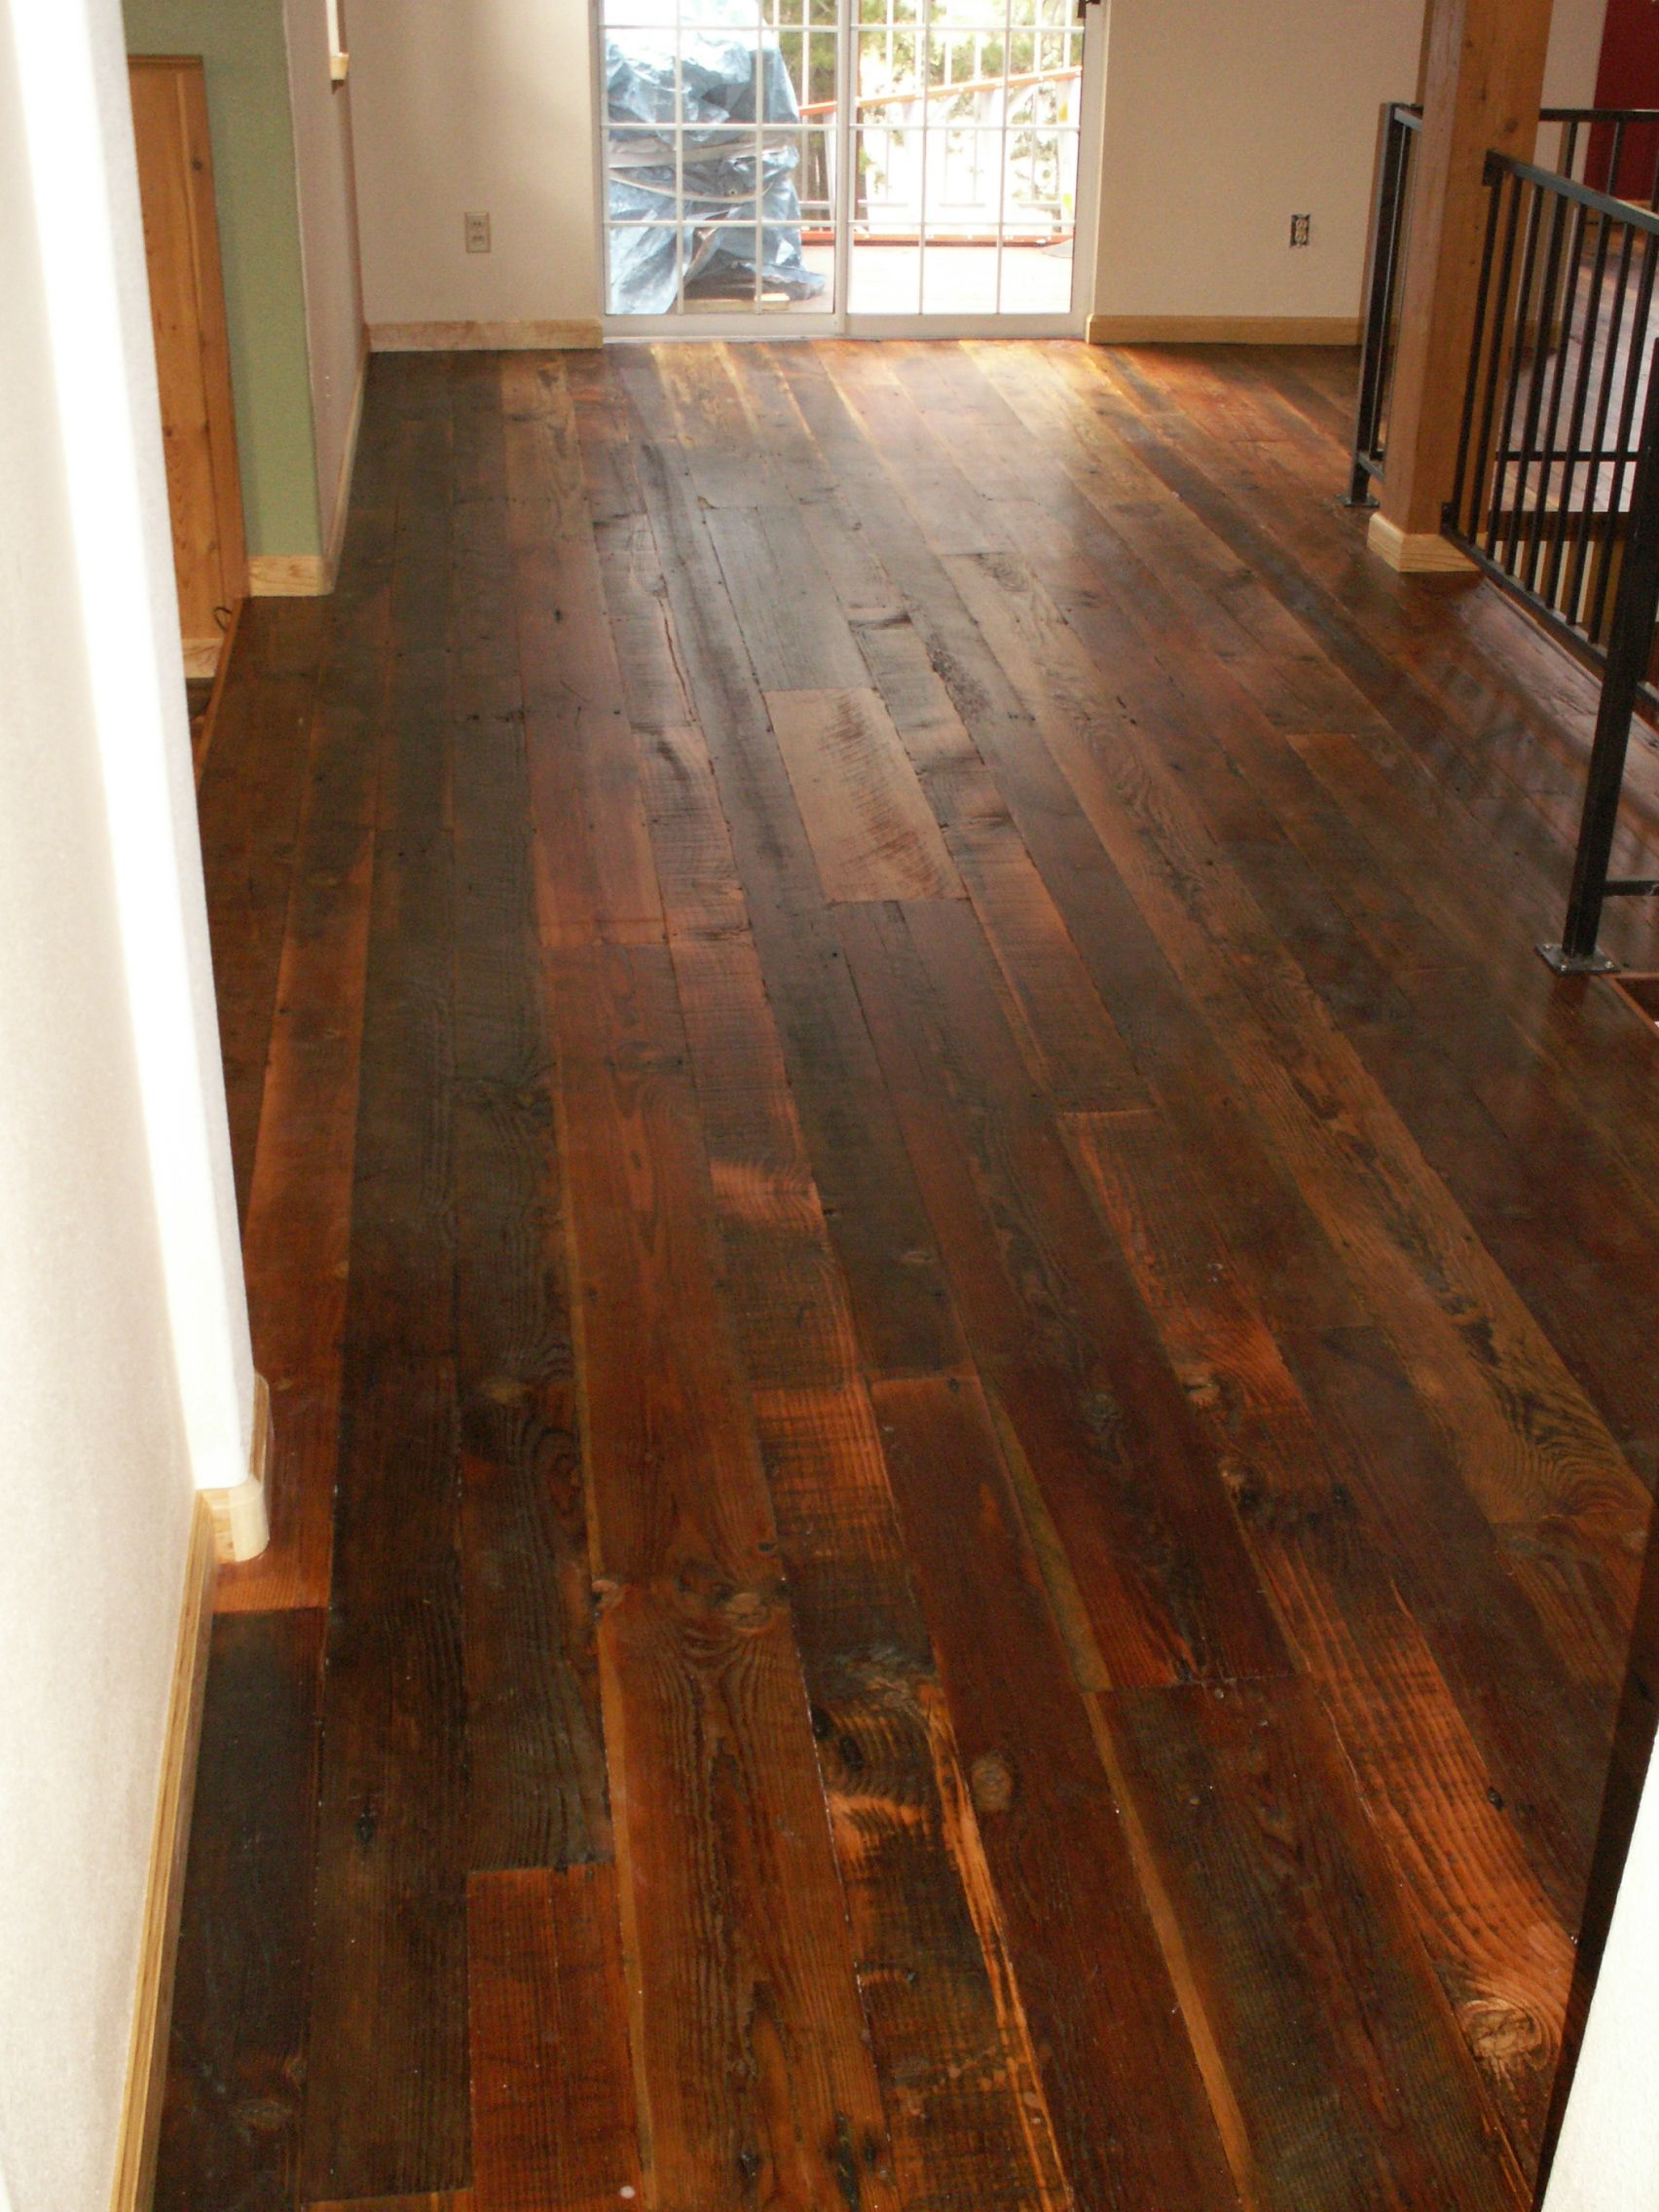 Aged Barnwood Reclaimed wood floors, Wide plank hardwood